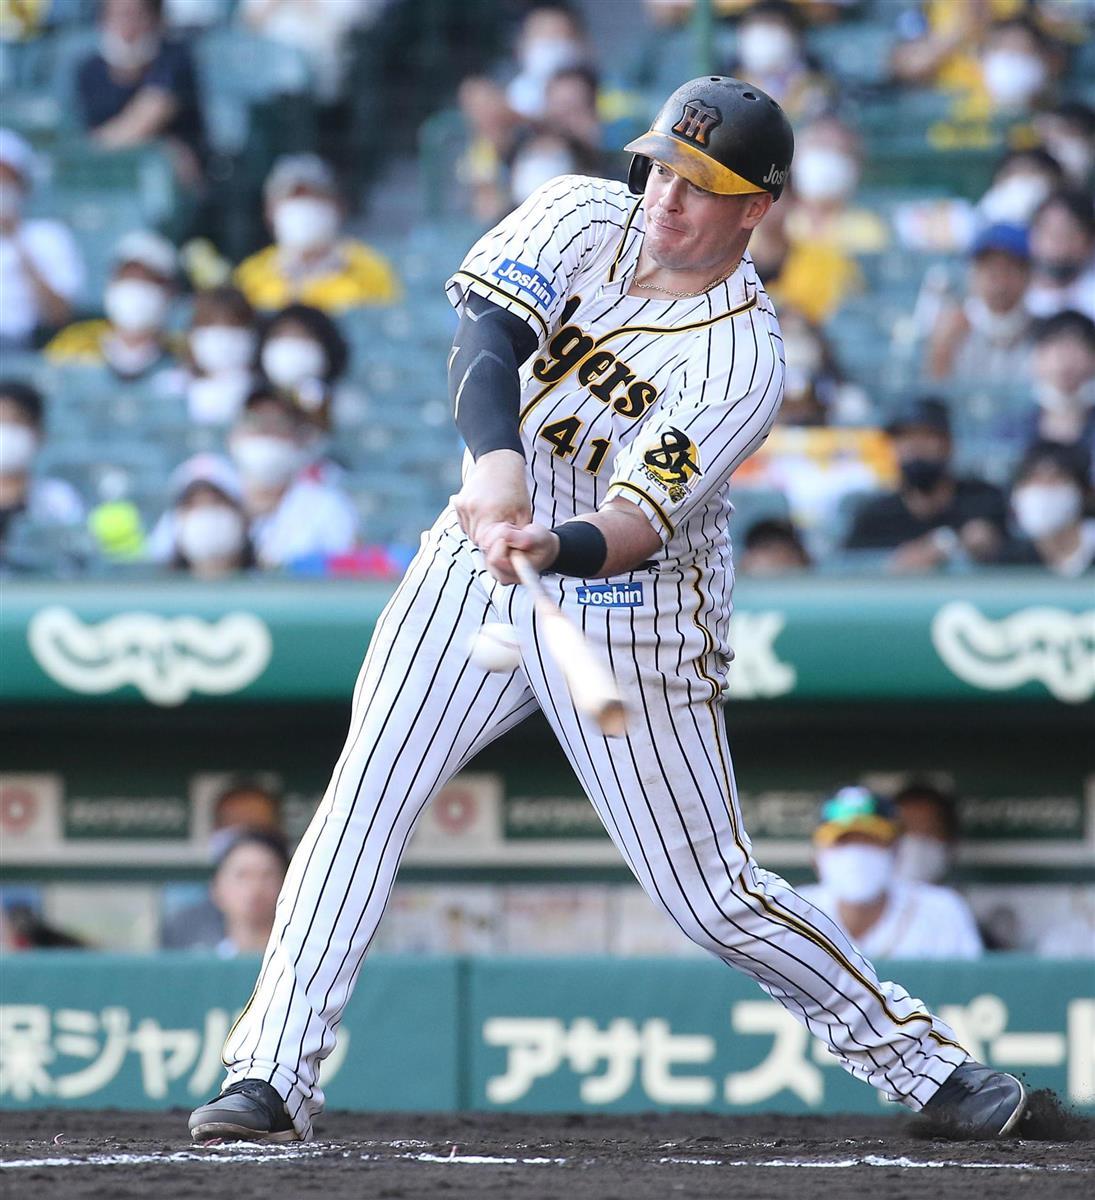 阪神ボーア、同点弾&決勝打「ファンからエネルギーもらった」